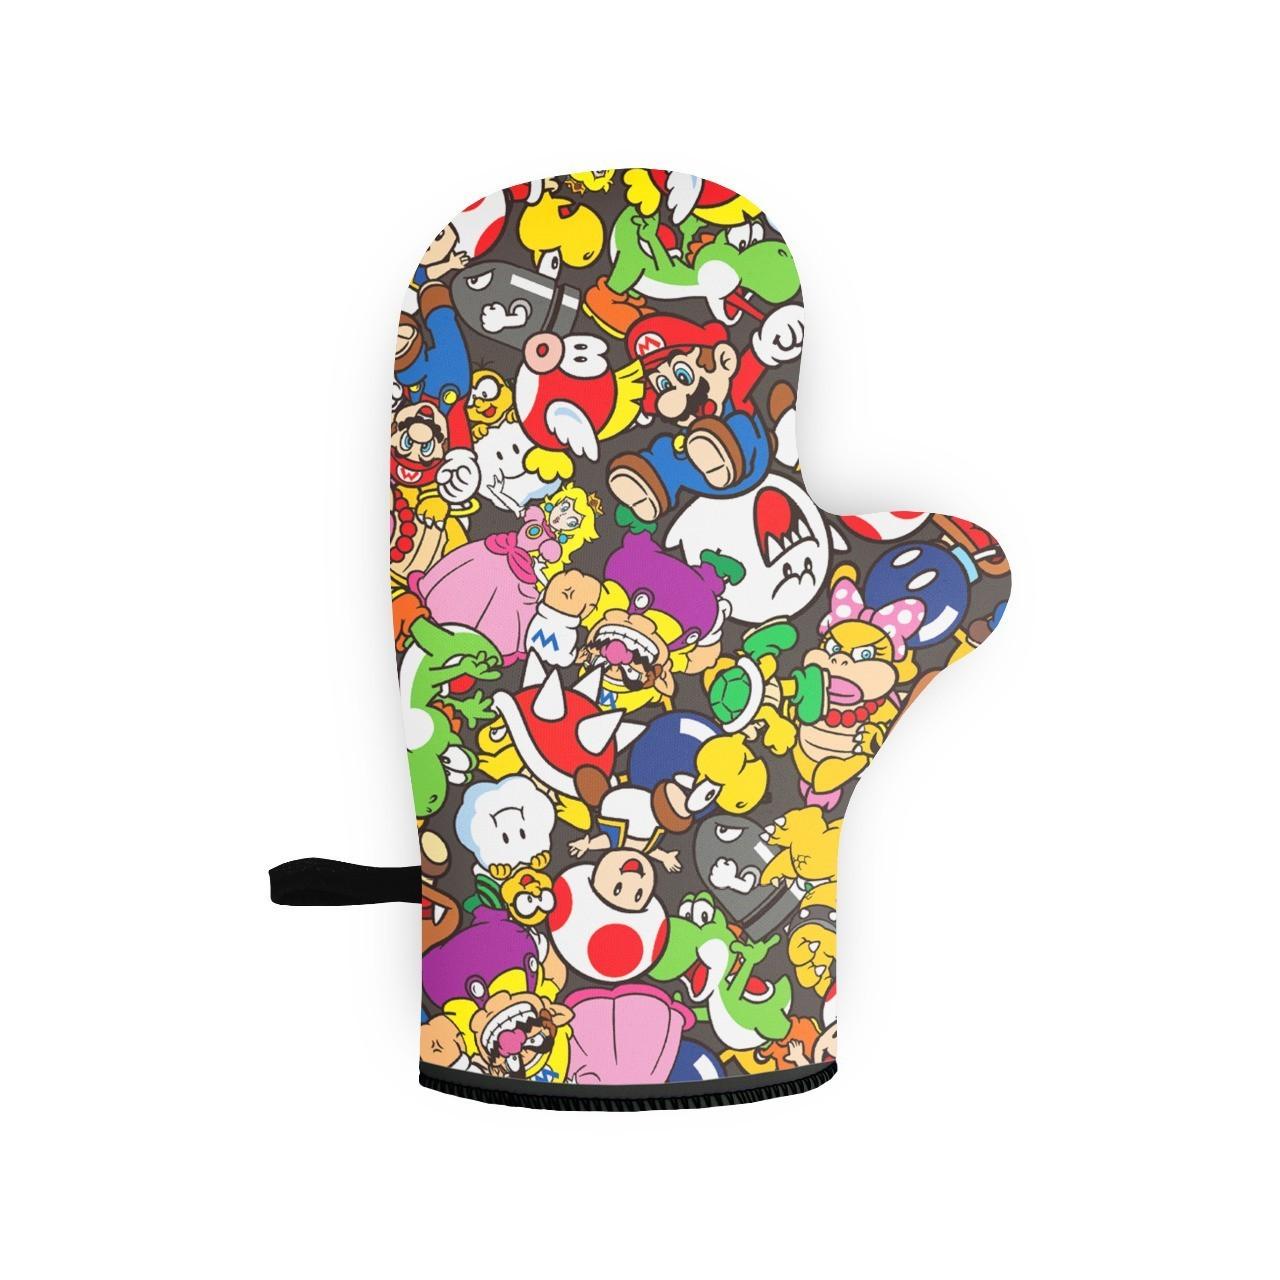 Luva de Forno/Cozinha Personagens: Super Mario Bros